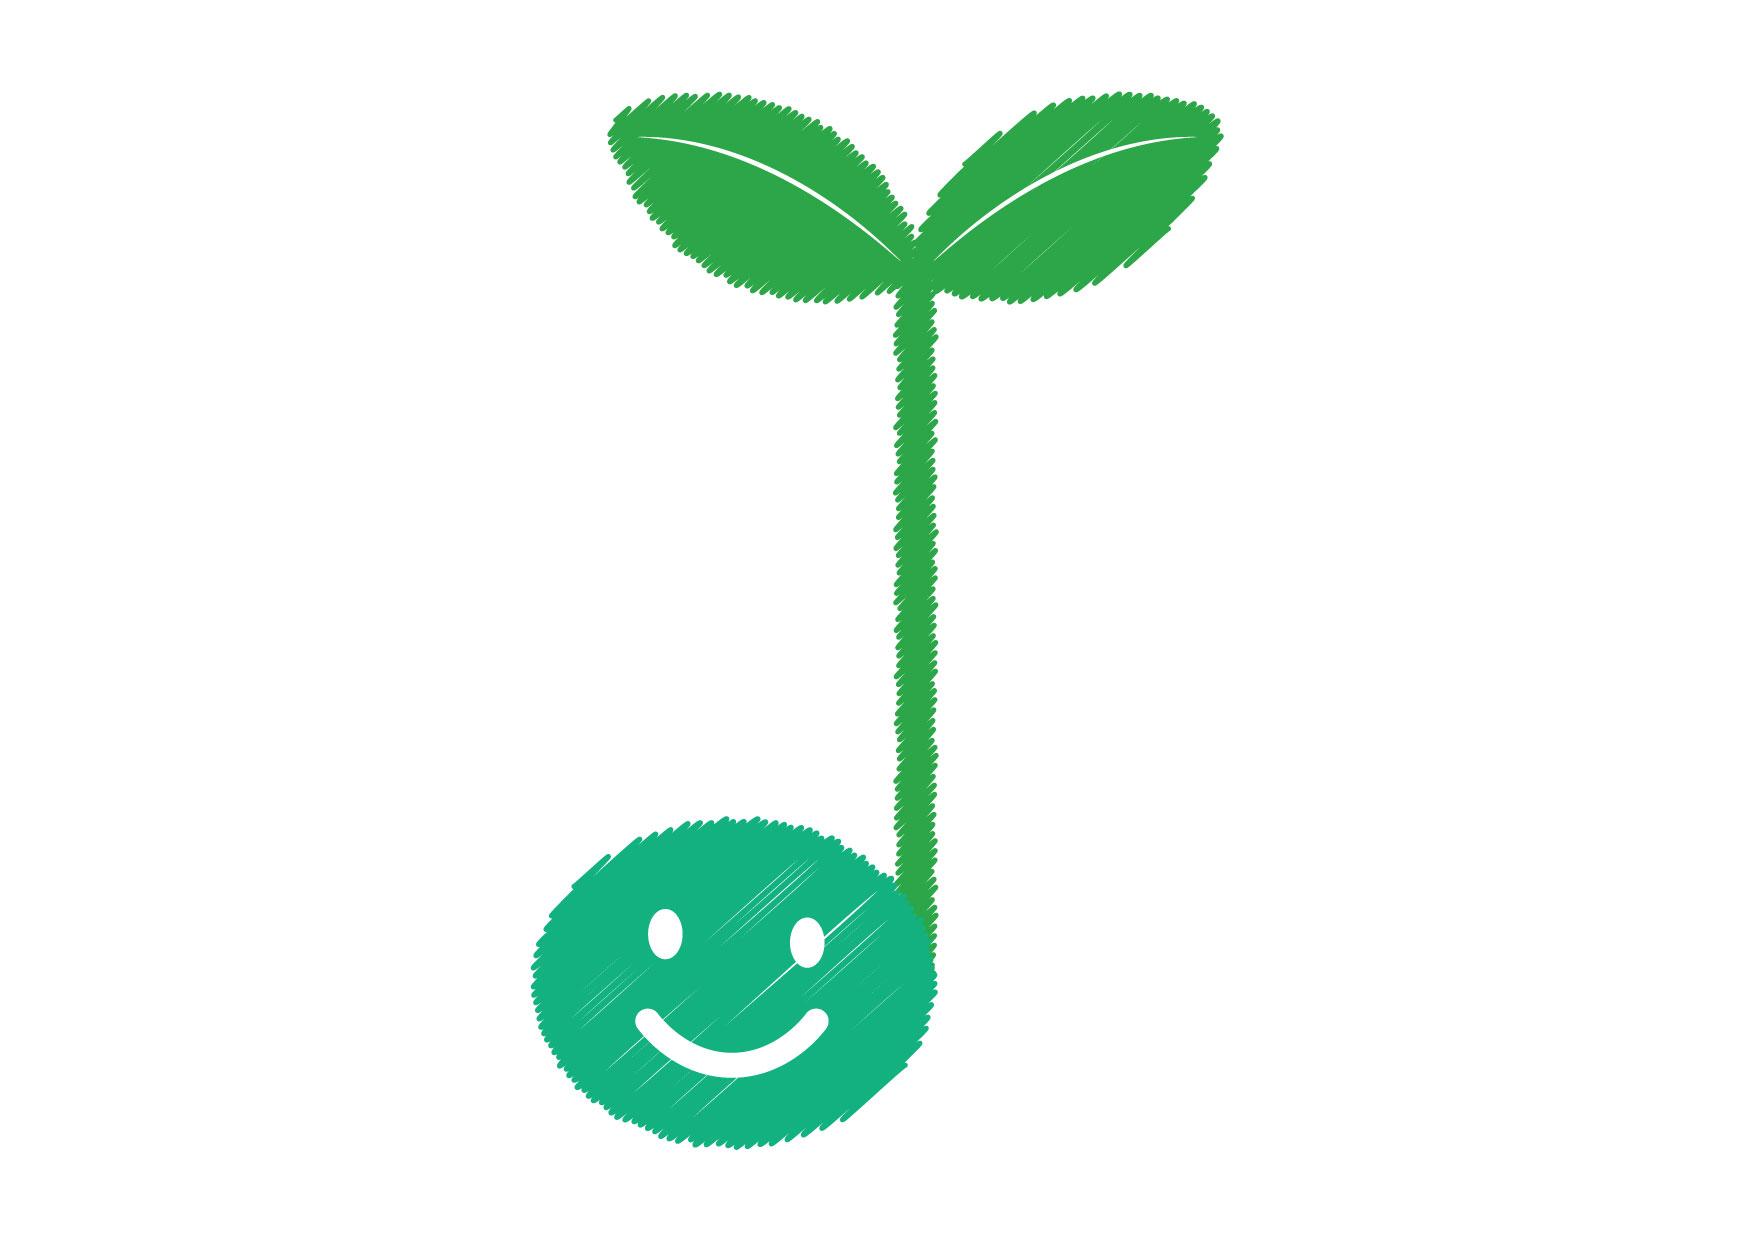 可愛いイラスト無料|音符 若葉 緑 − free illustration Musical note germination green